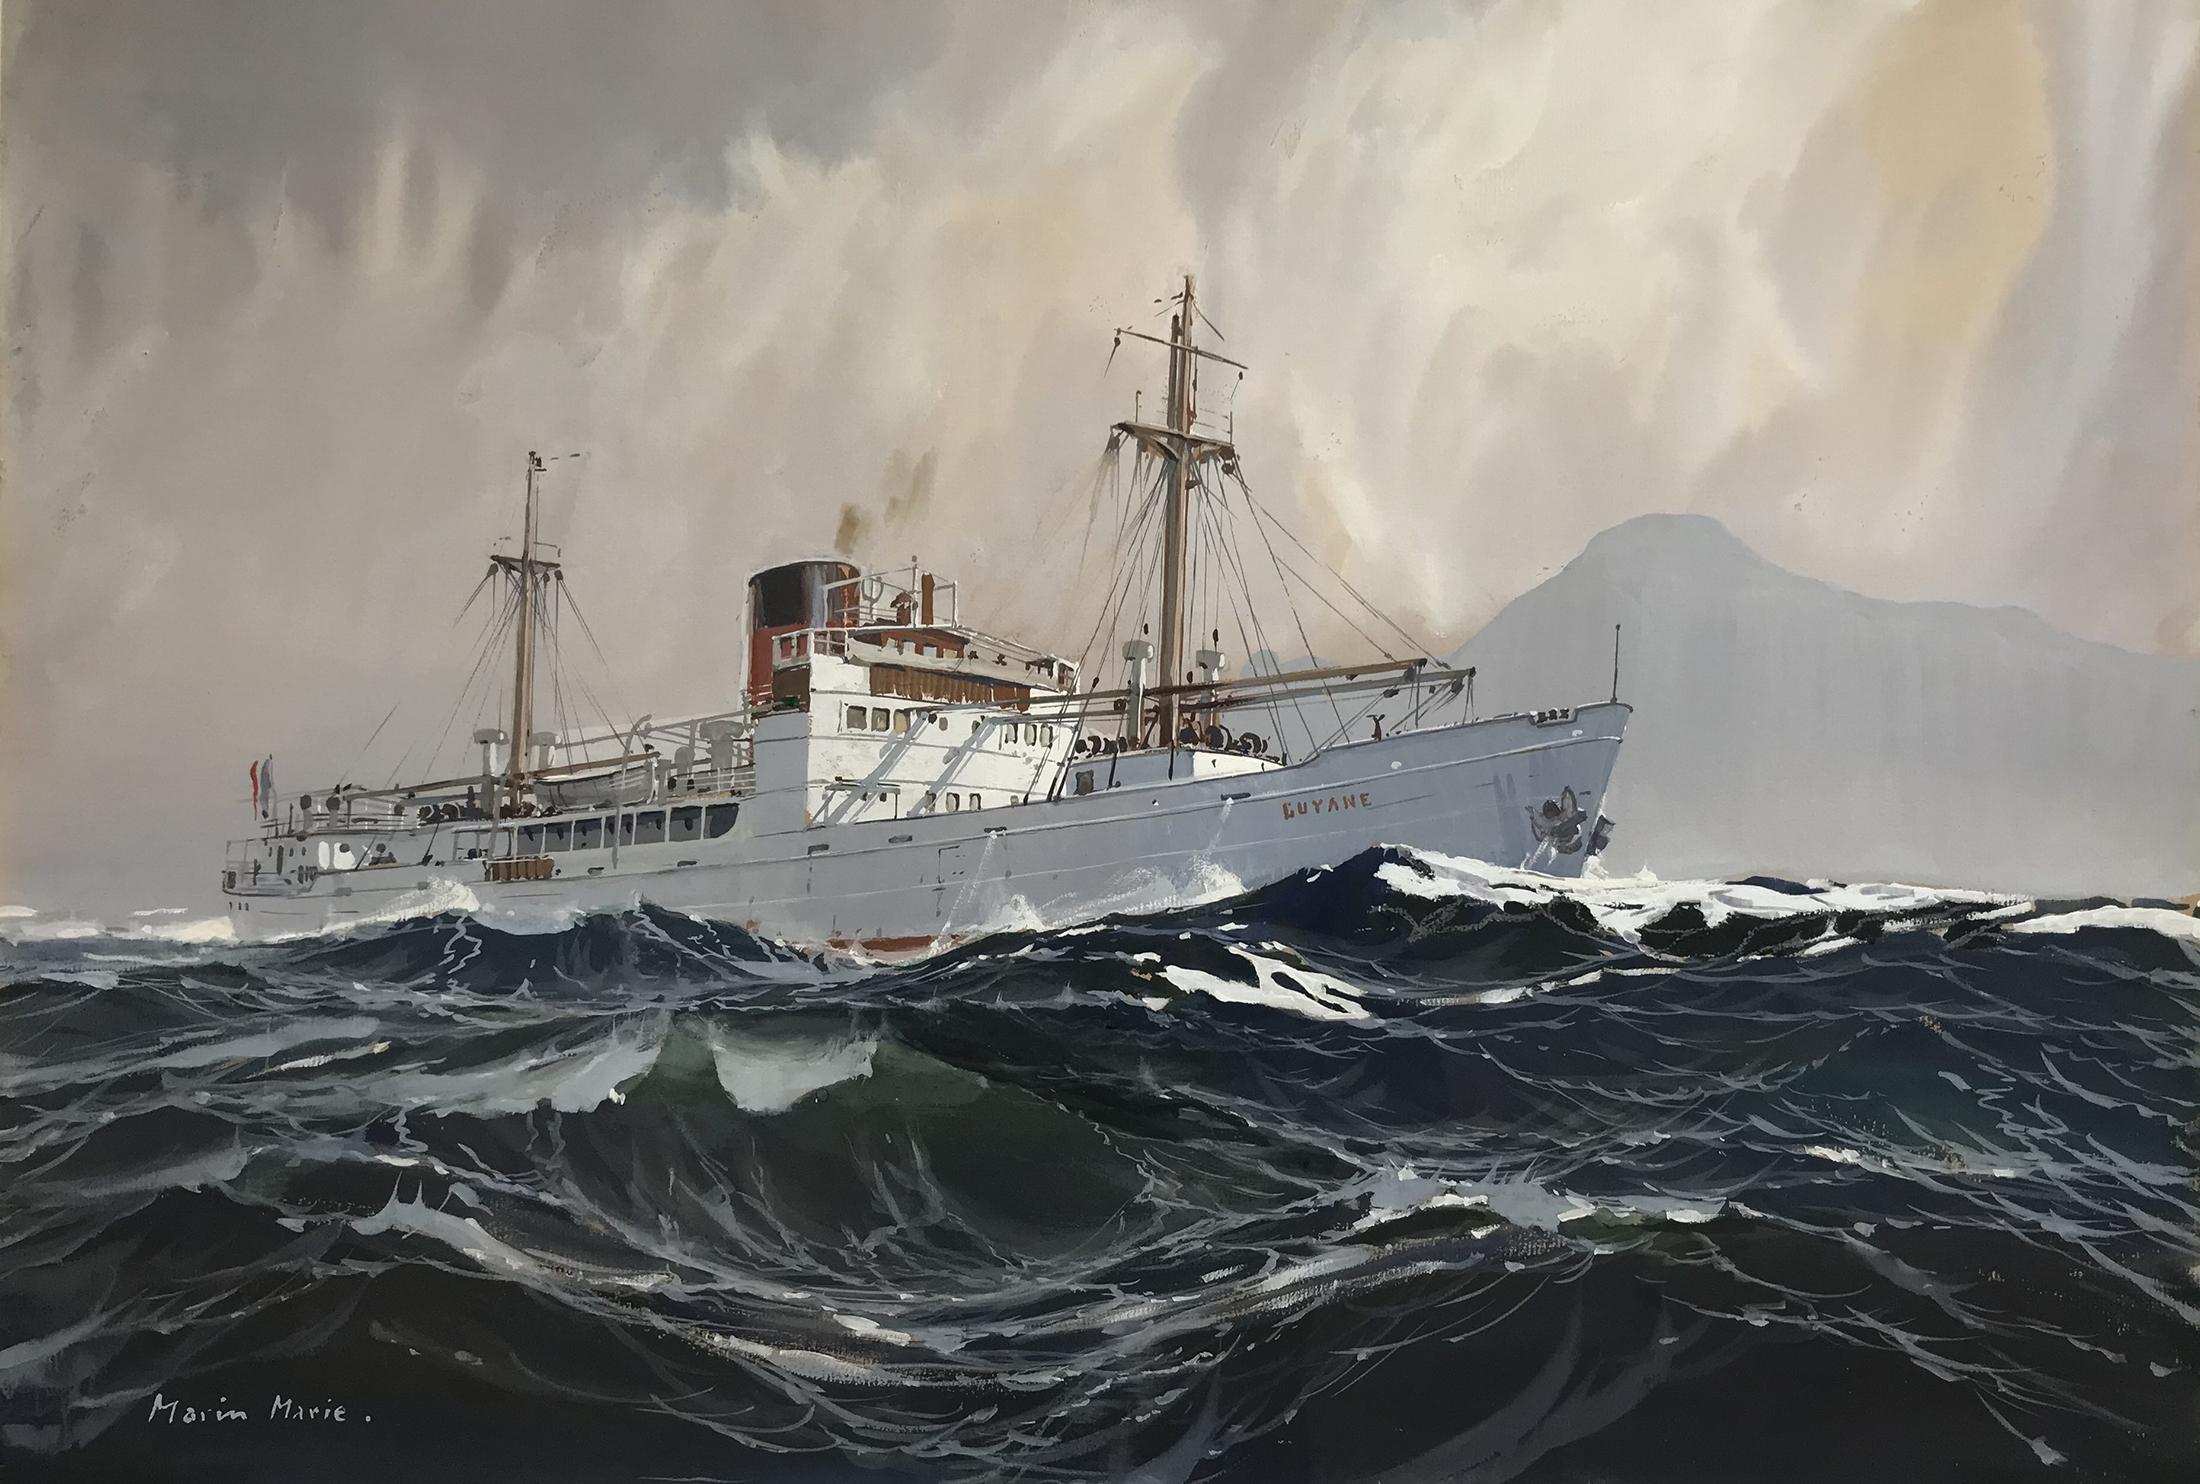 Marin Marie Le Cargo Guyane par mer forte